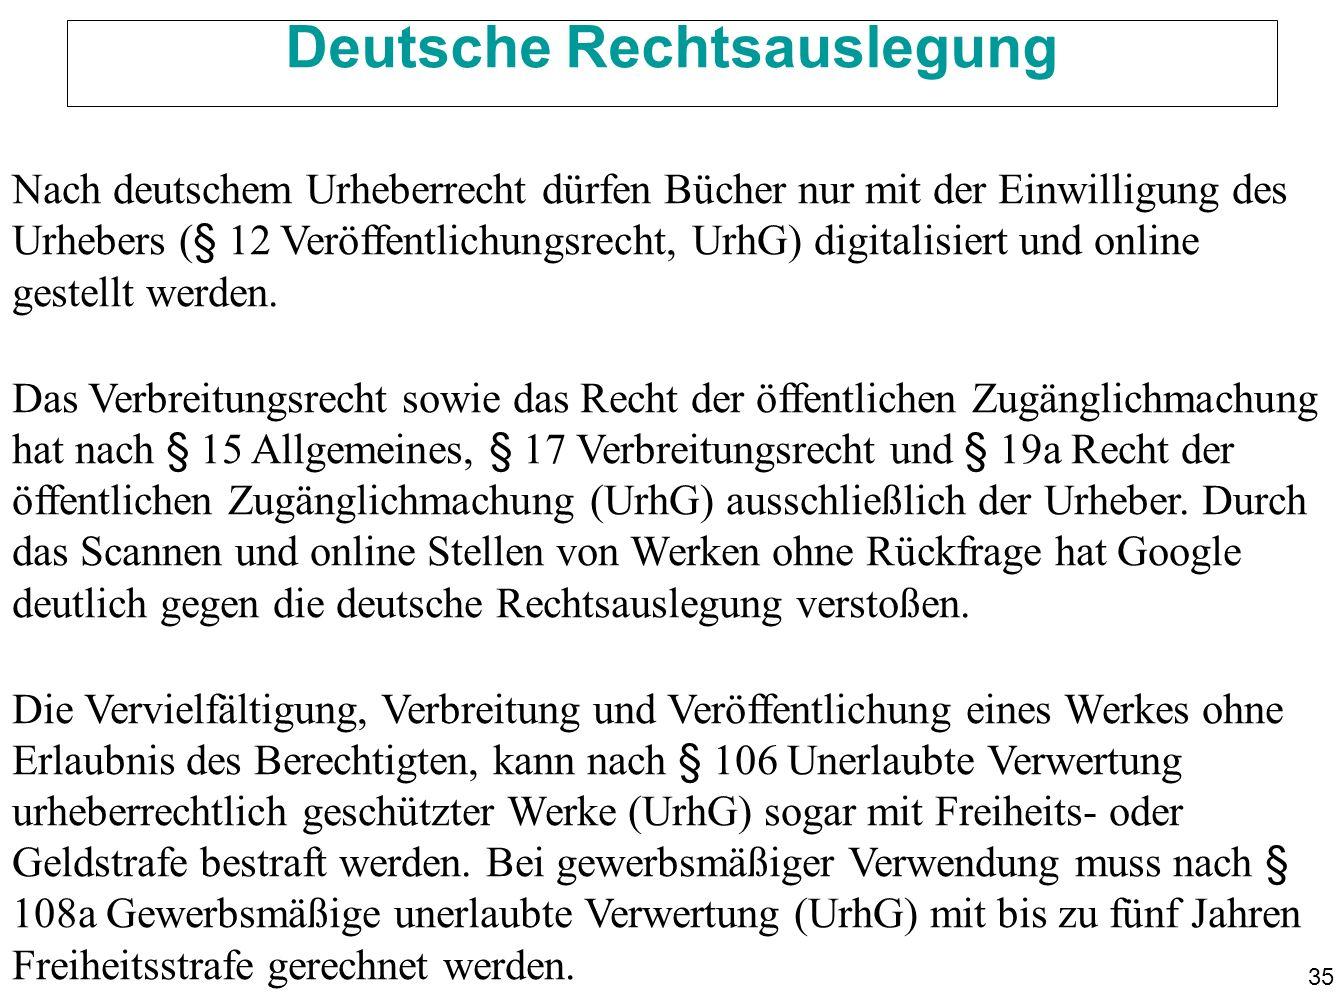 Deutsche Rechtsauslegung